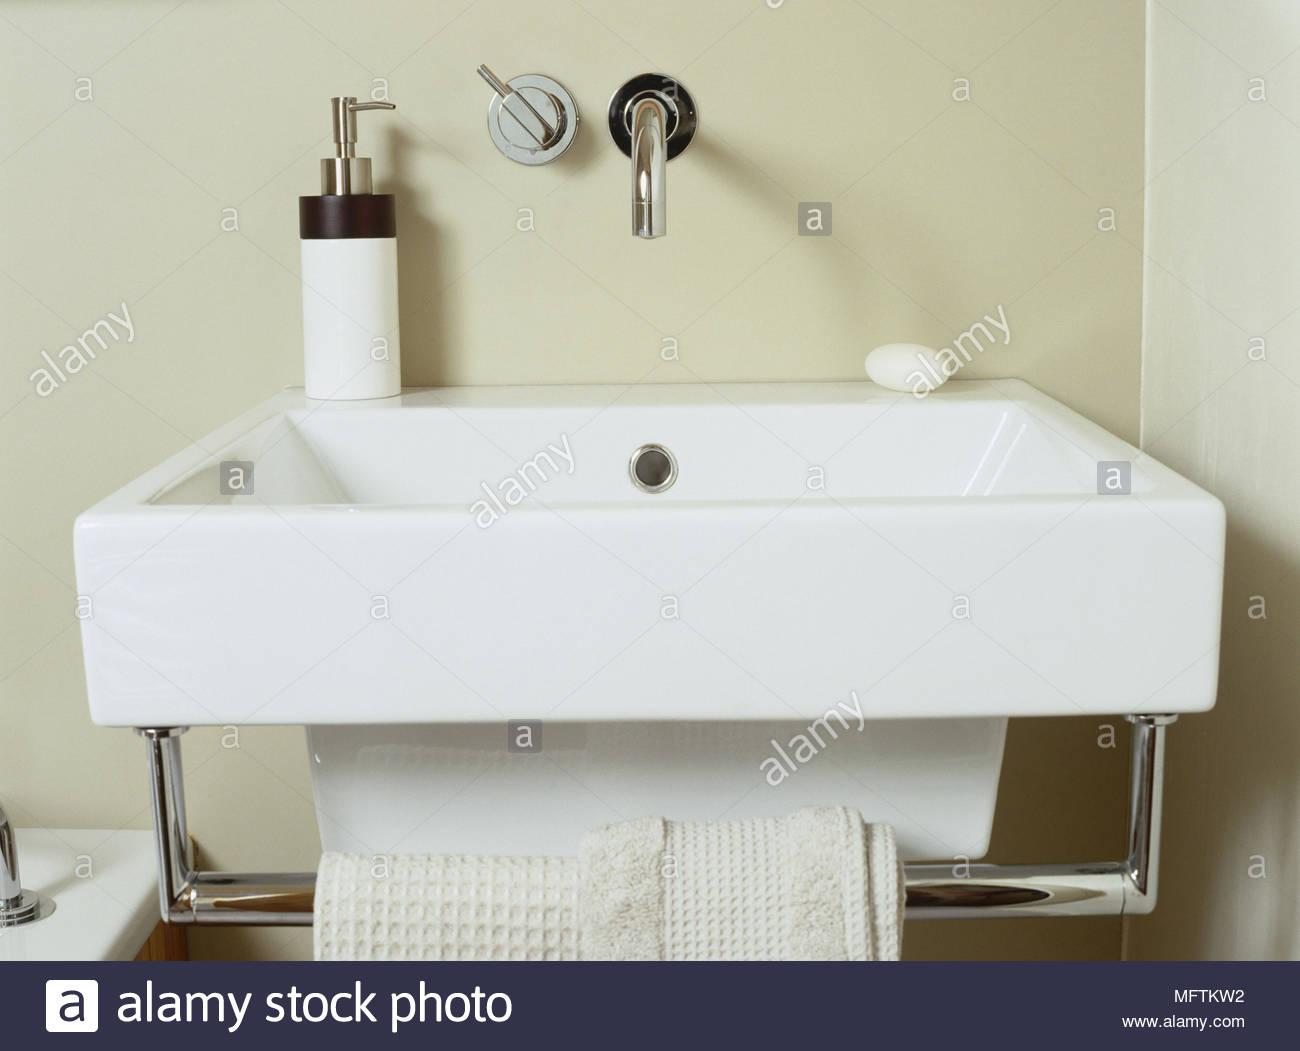 Ein Detail Einer Modernen Neutralen Badezimmer Wand Waschbecken Mit